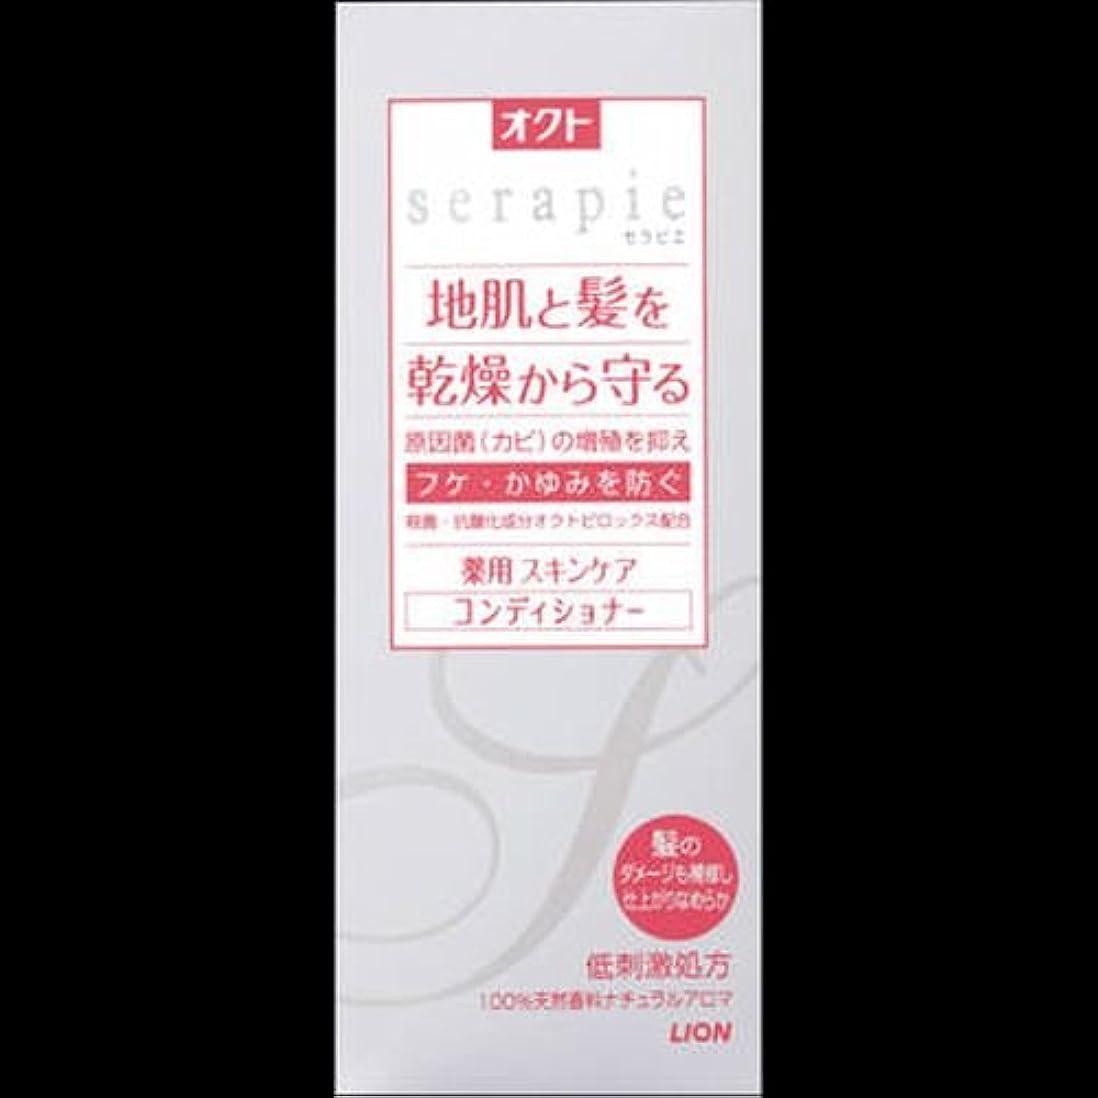 【ライオン】オクトserapie(セラピエ) 薬用スキンケアコンディショナー 230ml ×2個セット